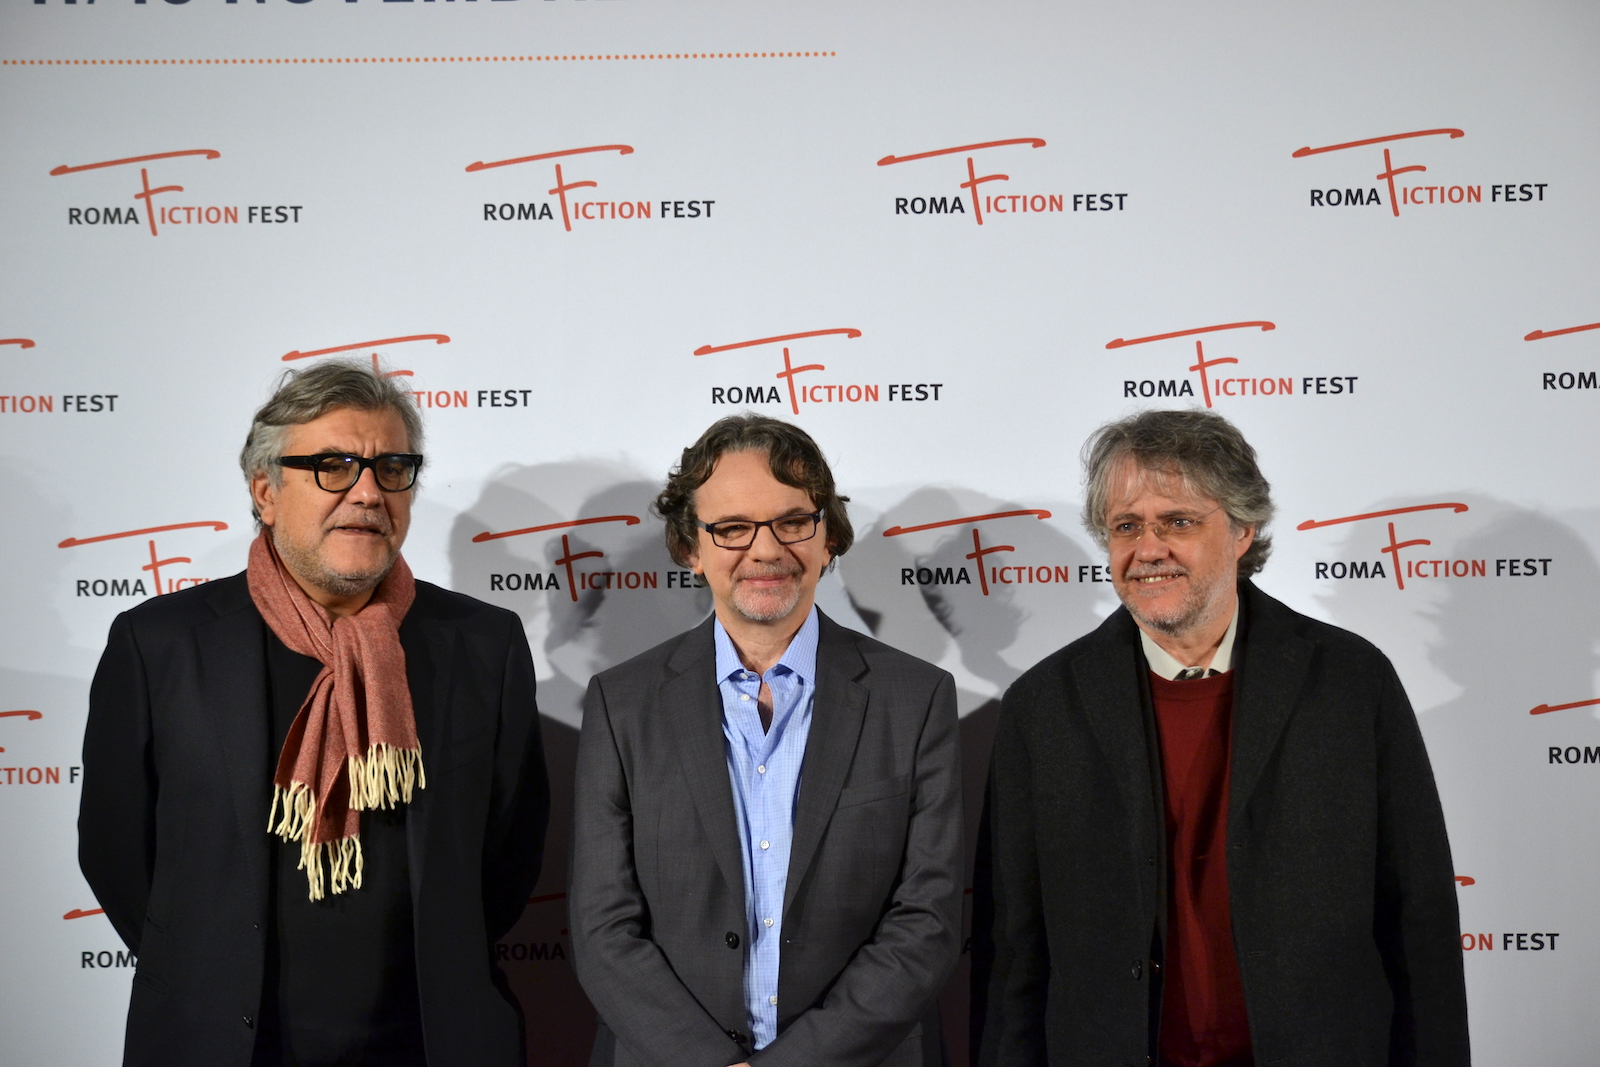 Roma Fiction Fest 2015: Frank Spotnitz, Giancarlo De Cataldo, Andrea Porporati al photocall prima della masterclass